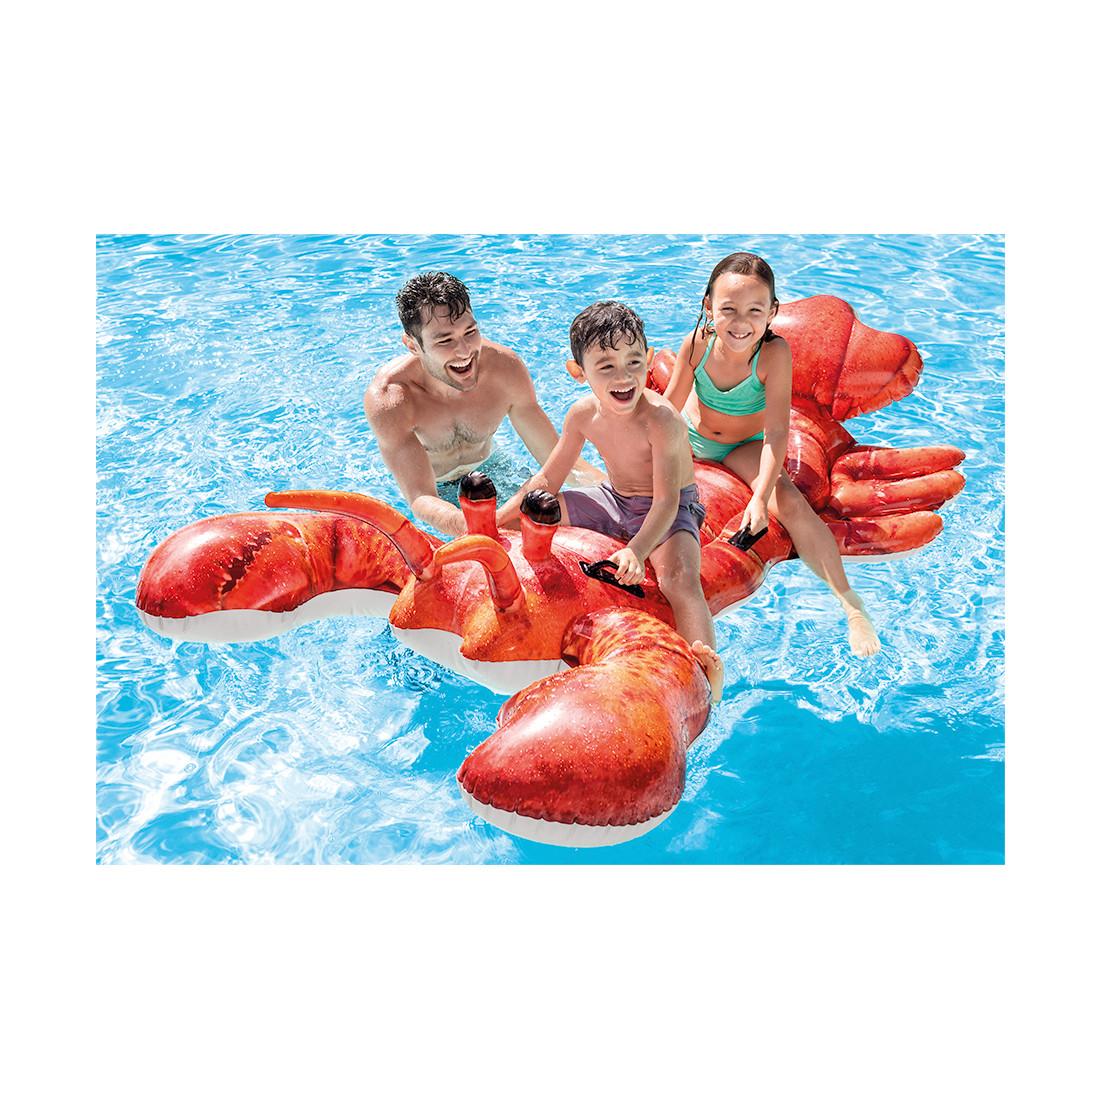 Надувная игрушка Intex 57533NP в виде лобстера для плавания